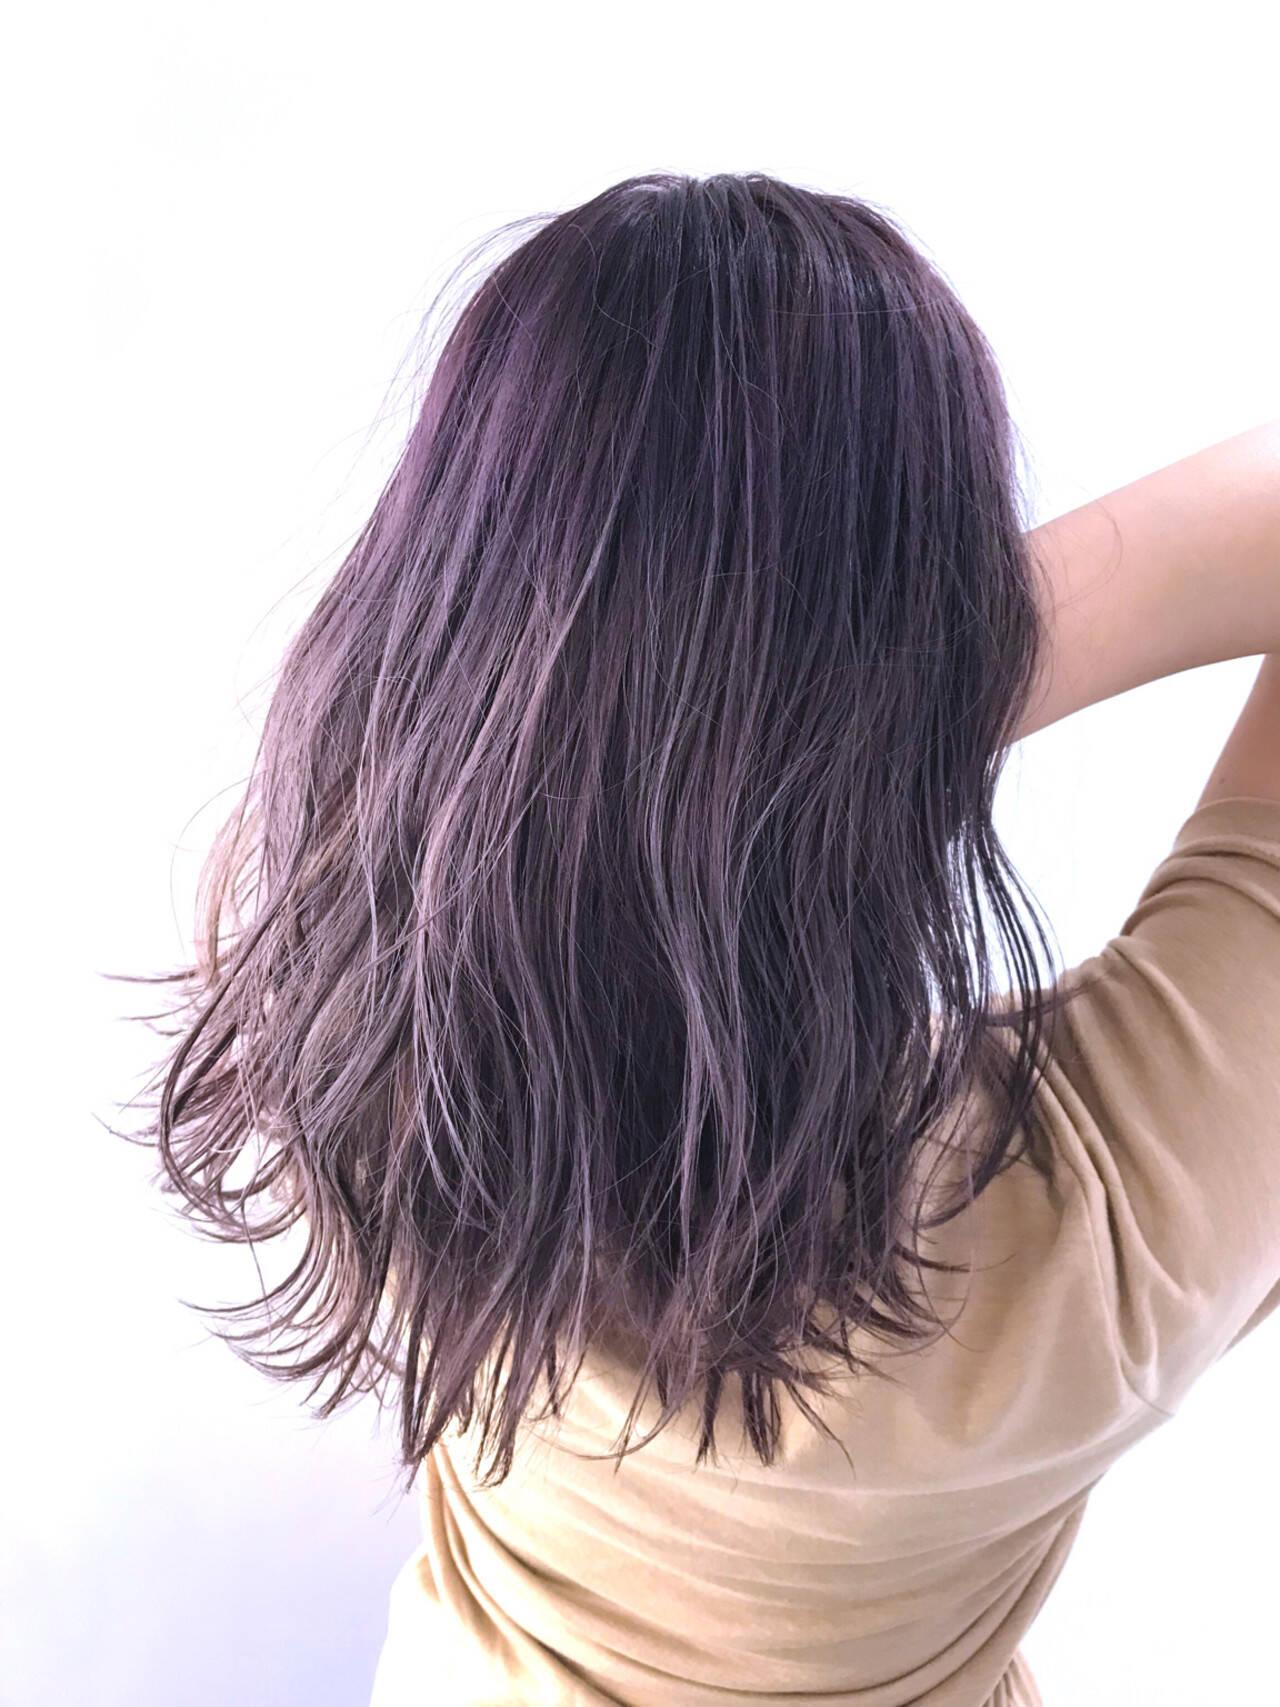 ナチュラル ラベンダーピンク ピンクブラウン ピンクヘアスタイルや髪型の写真・画像